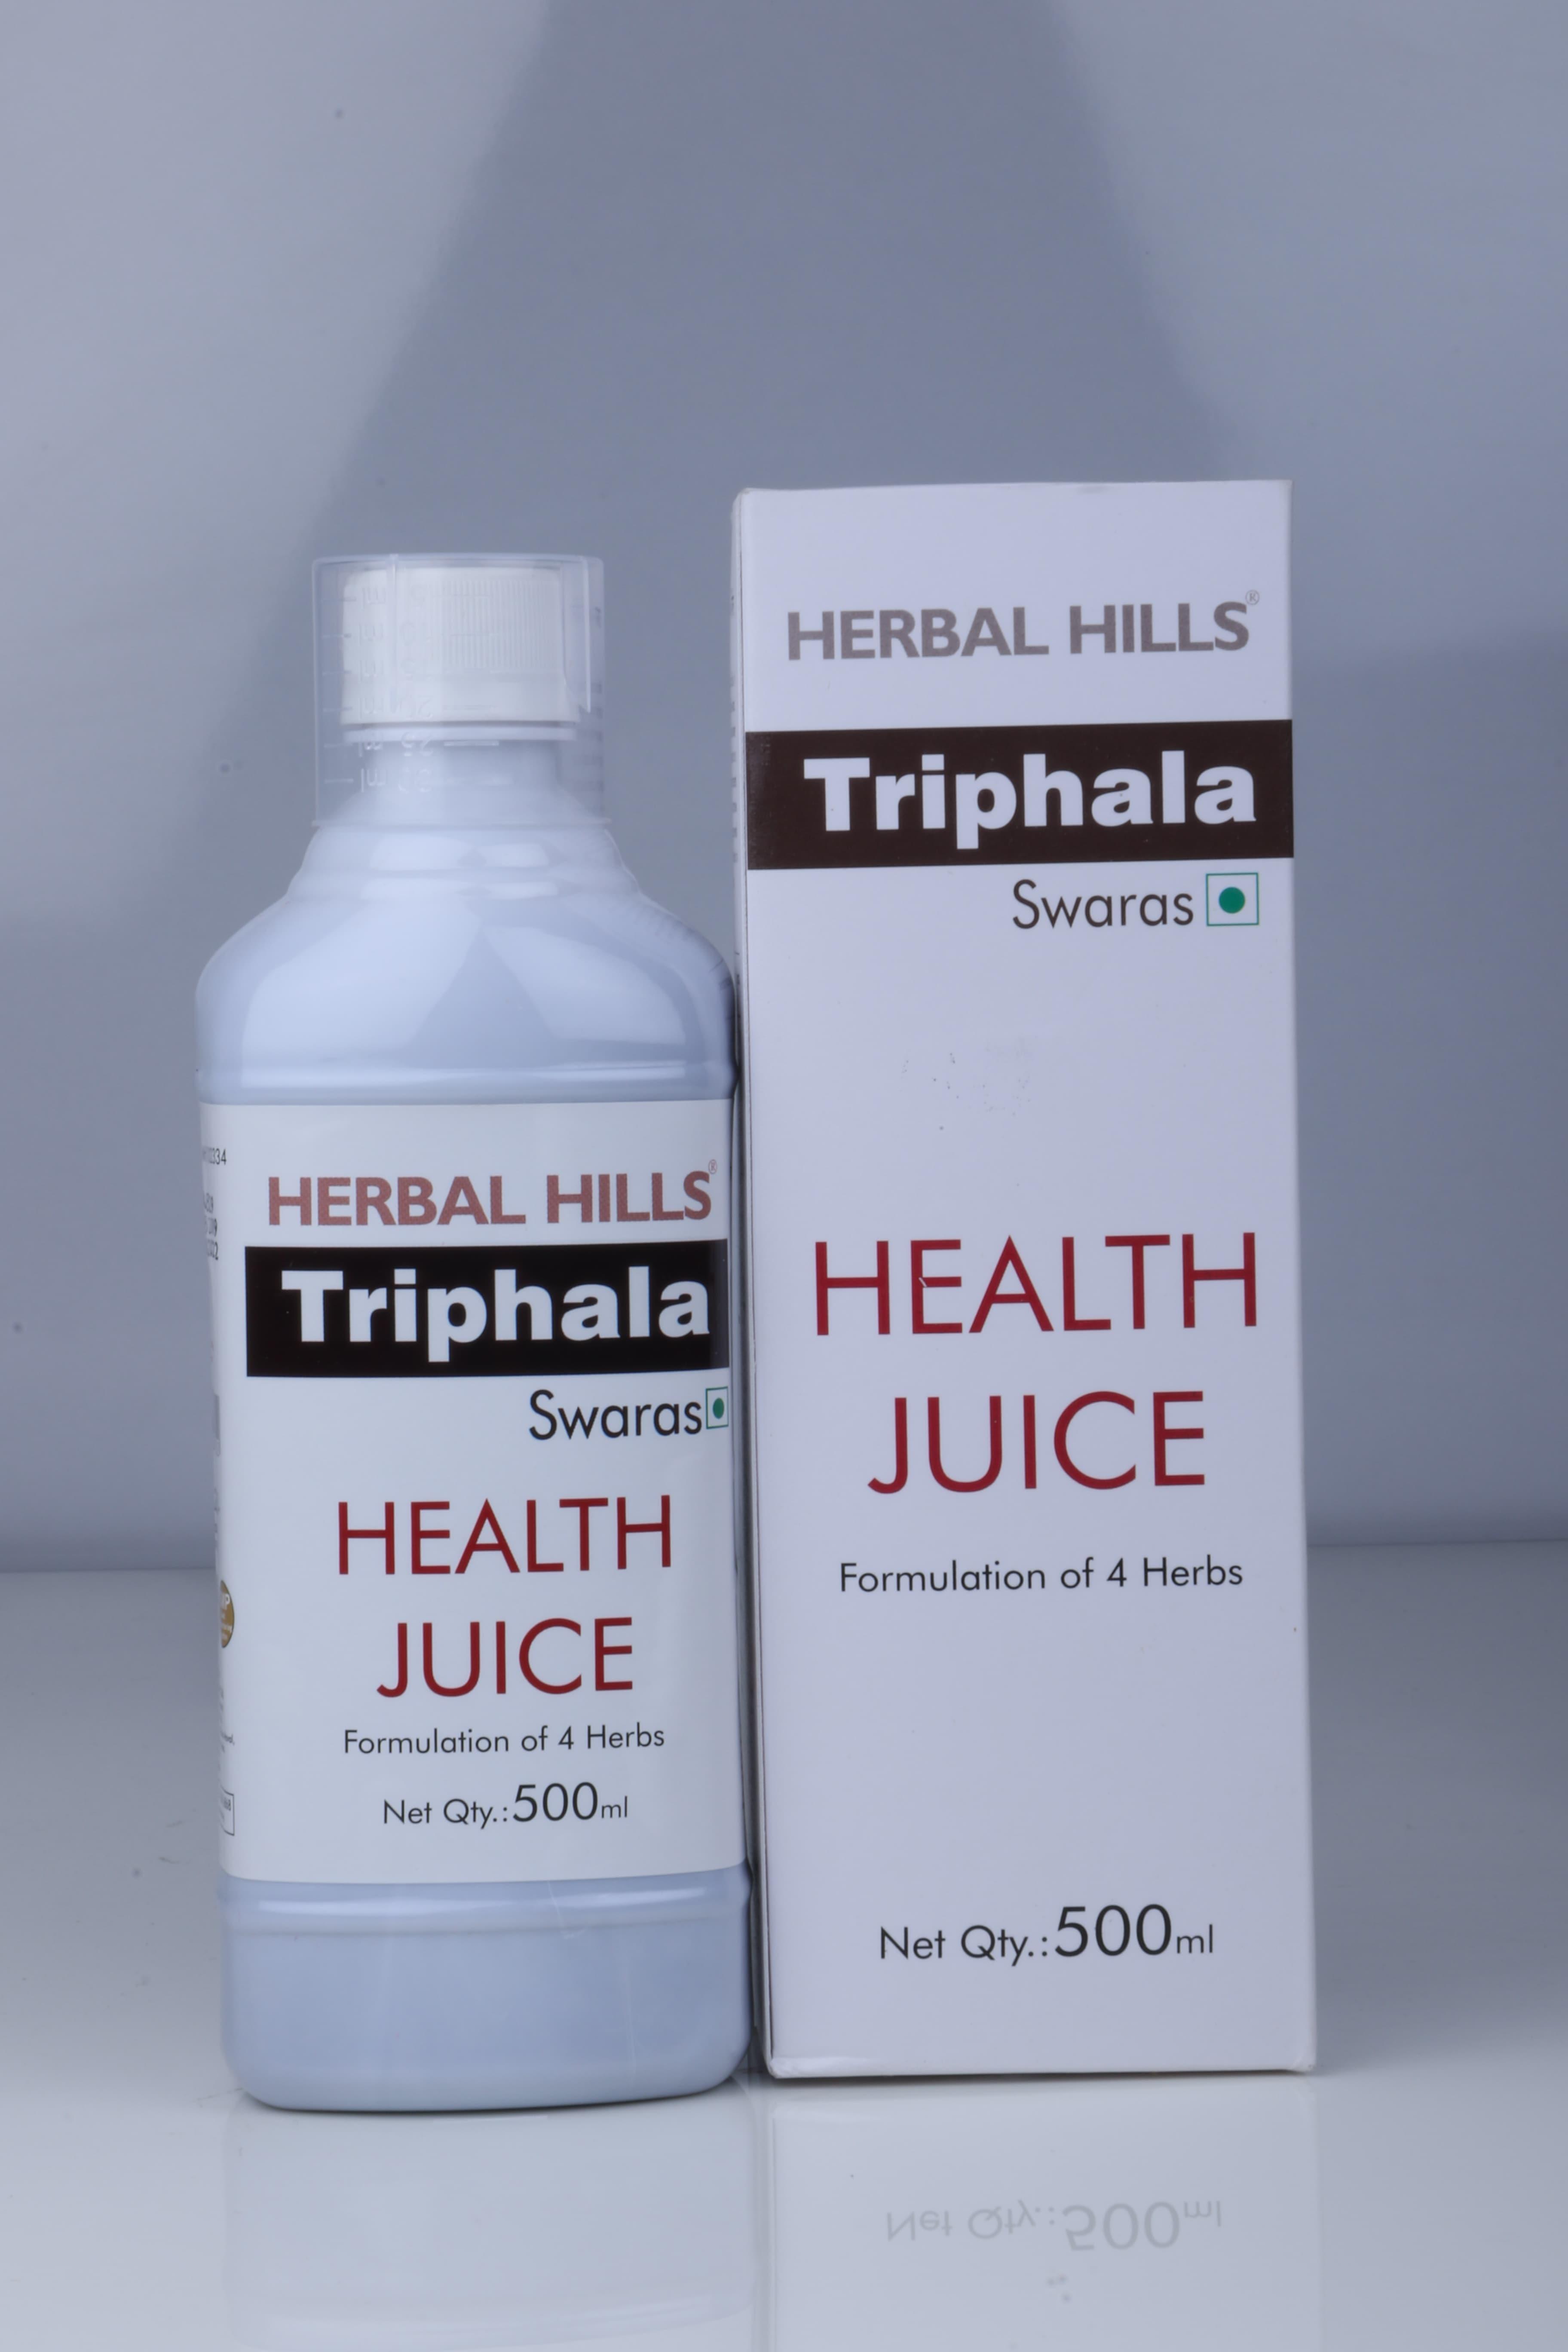 HERBAL HILLS TRIPHALA JUICE 500M